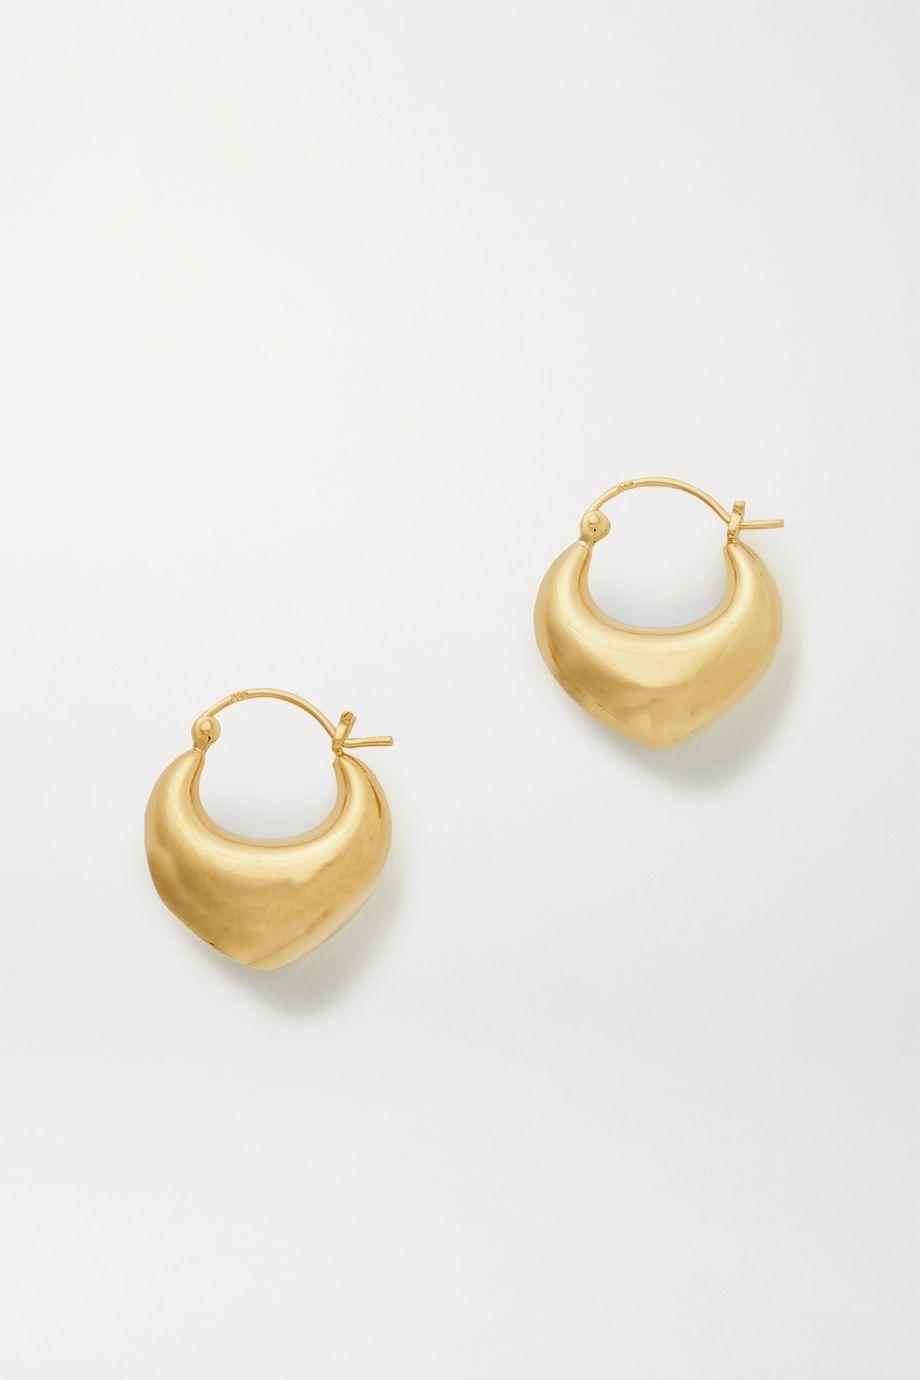 Sophie Buhai Venetia gold vermeil hoop earrings